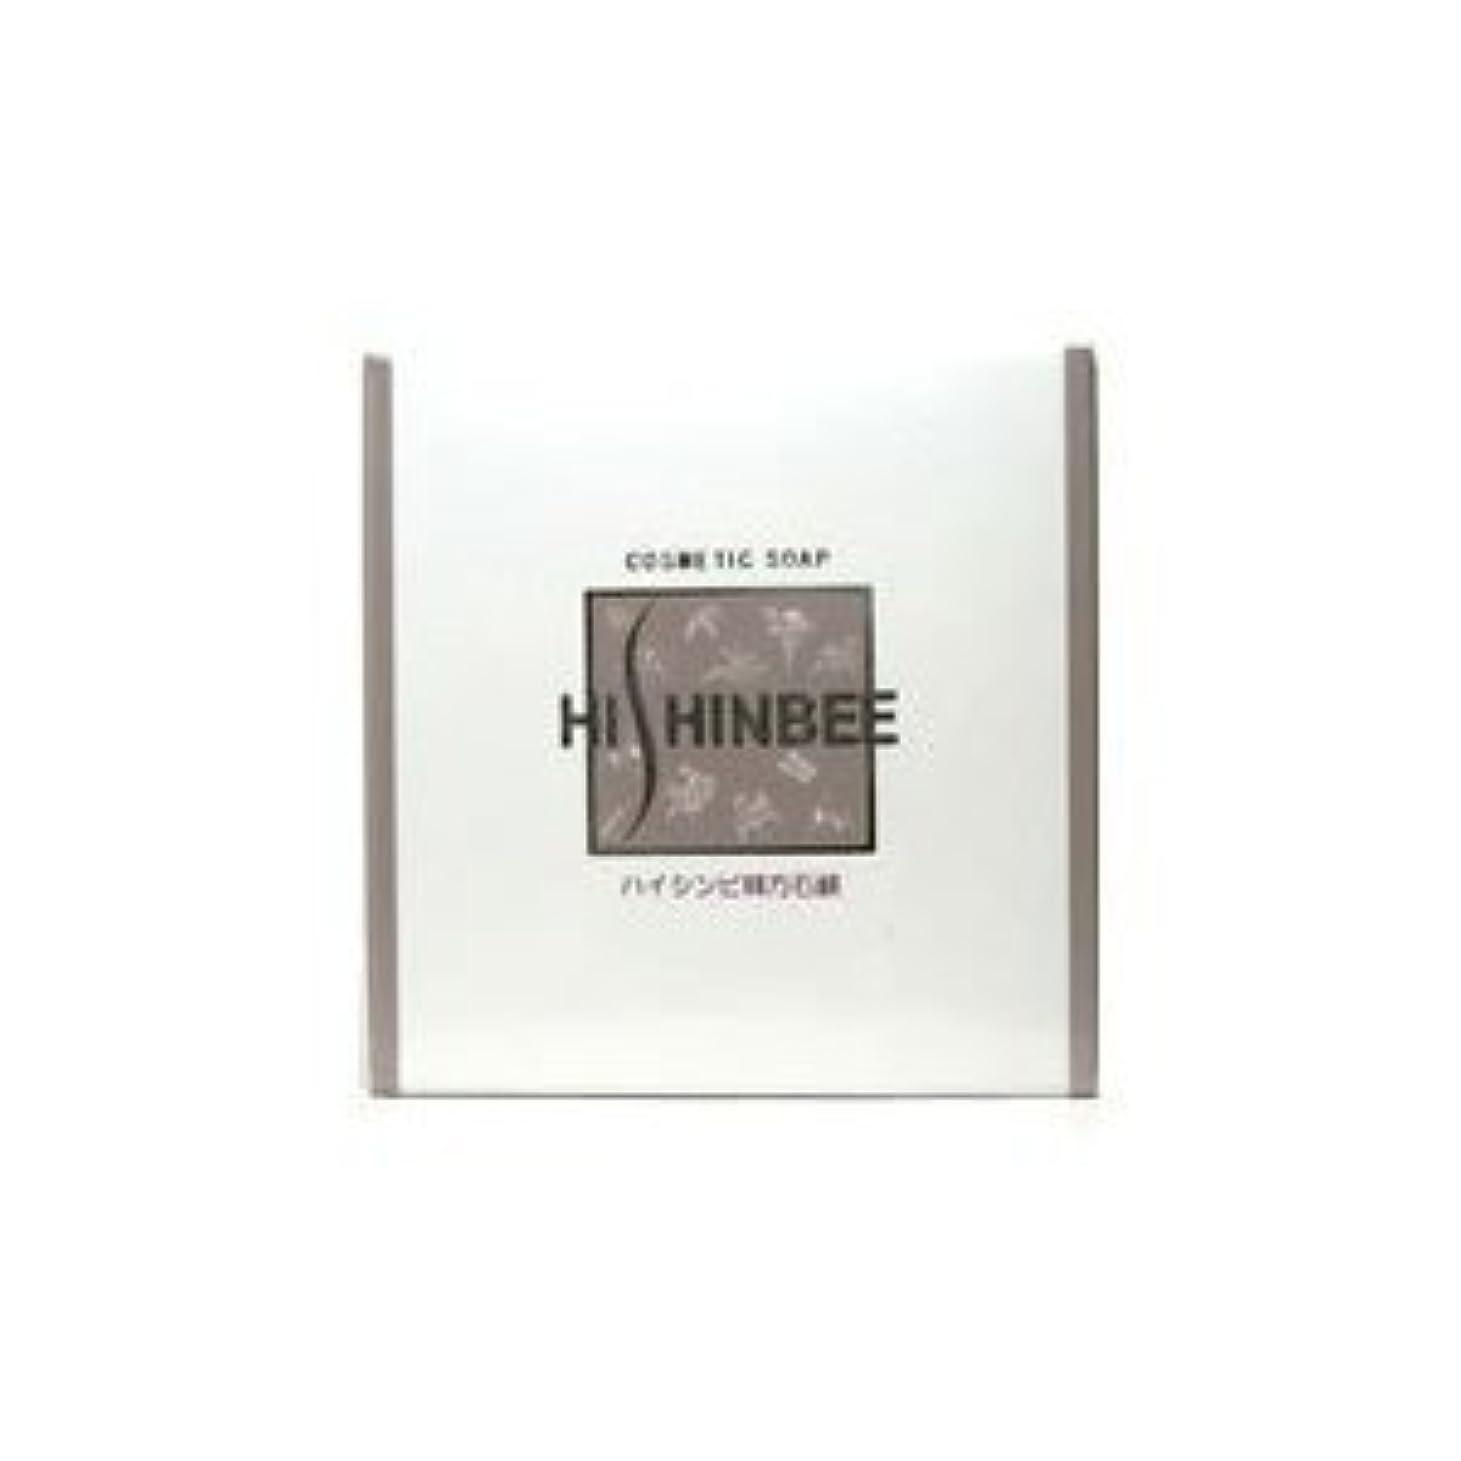 放射する珍しい欺★ハイシンビ 韓方石鹸 120g 2個セット